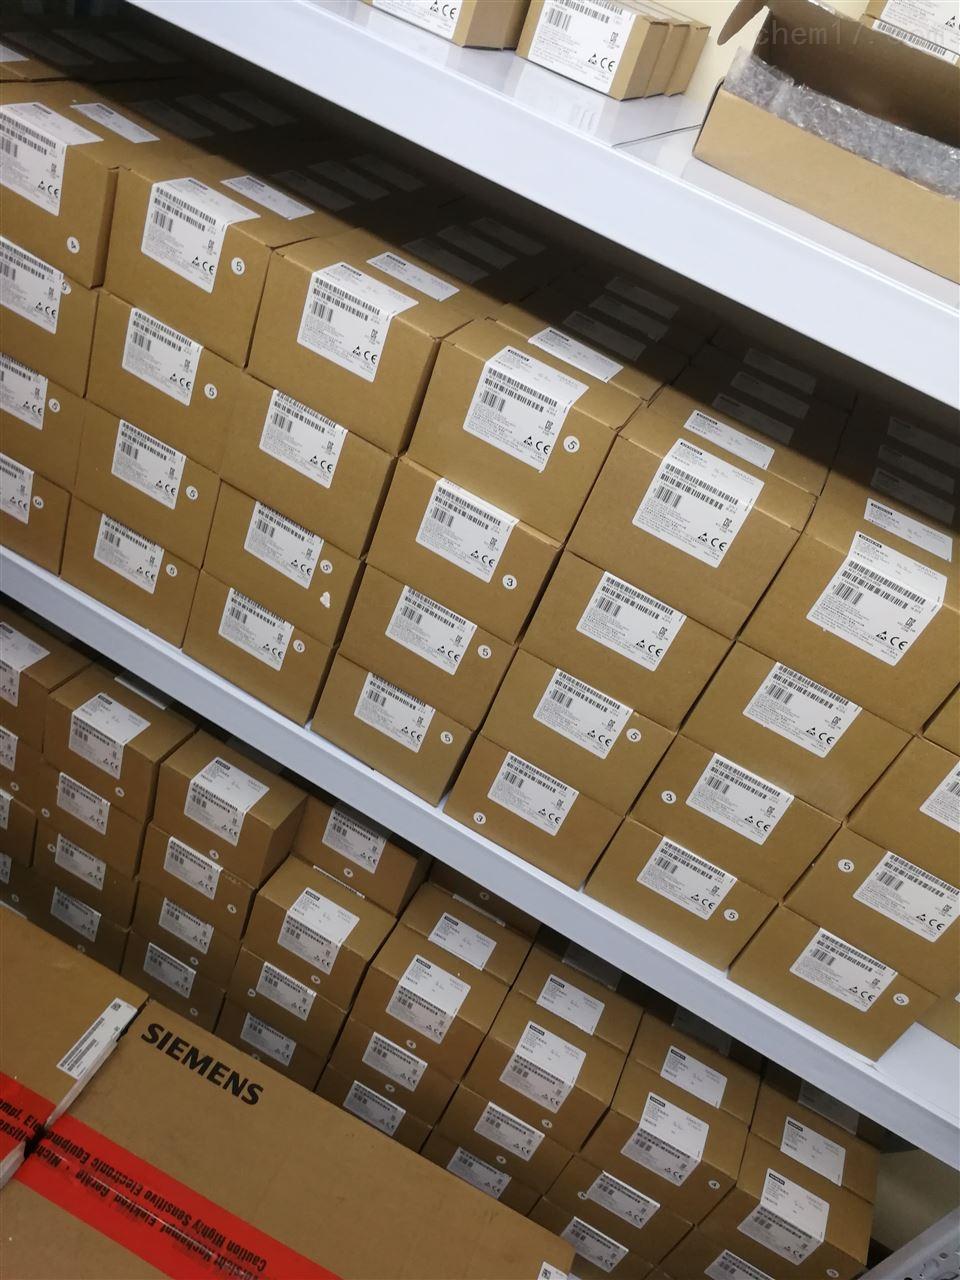 西门子ET-200模块6ES7194-4GC20-0AA0供应